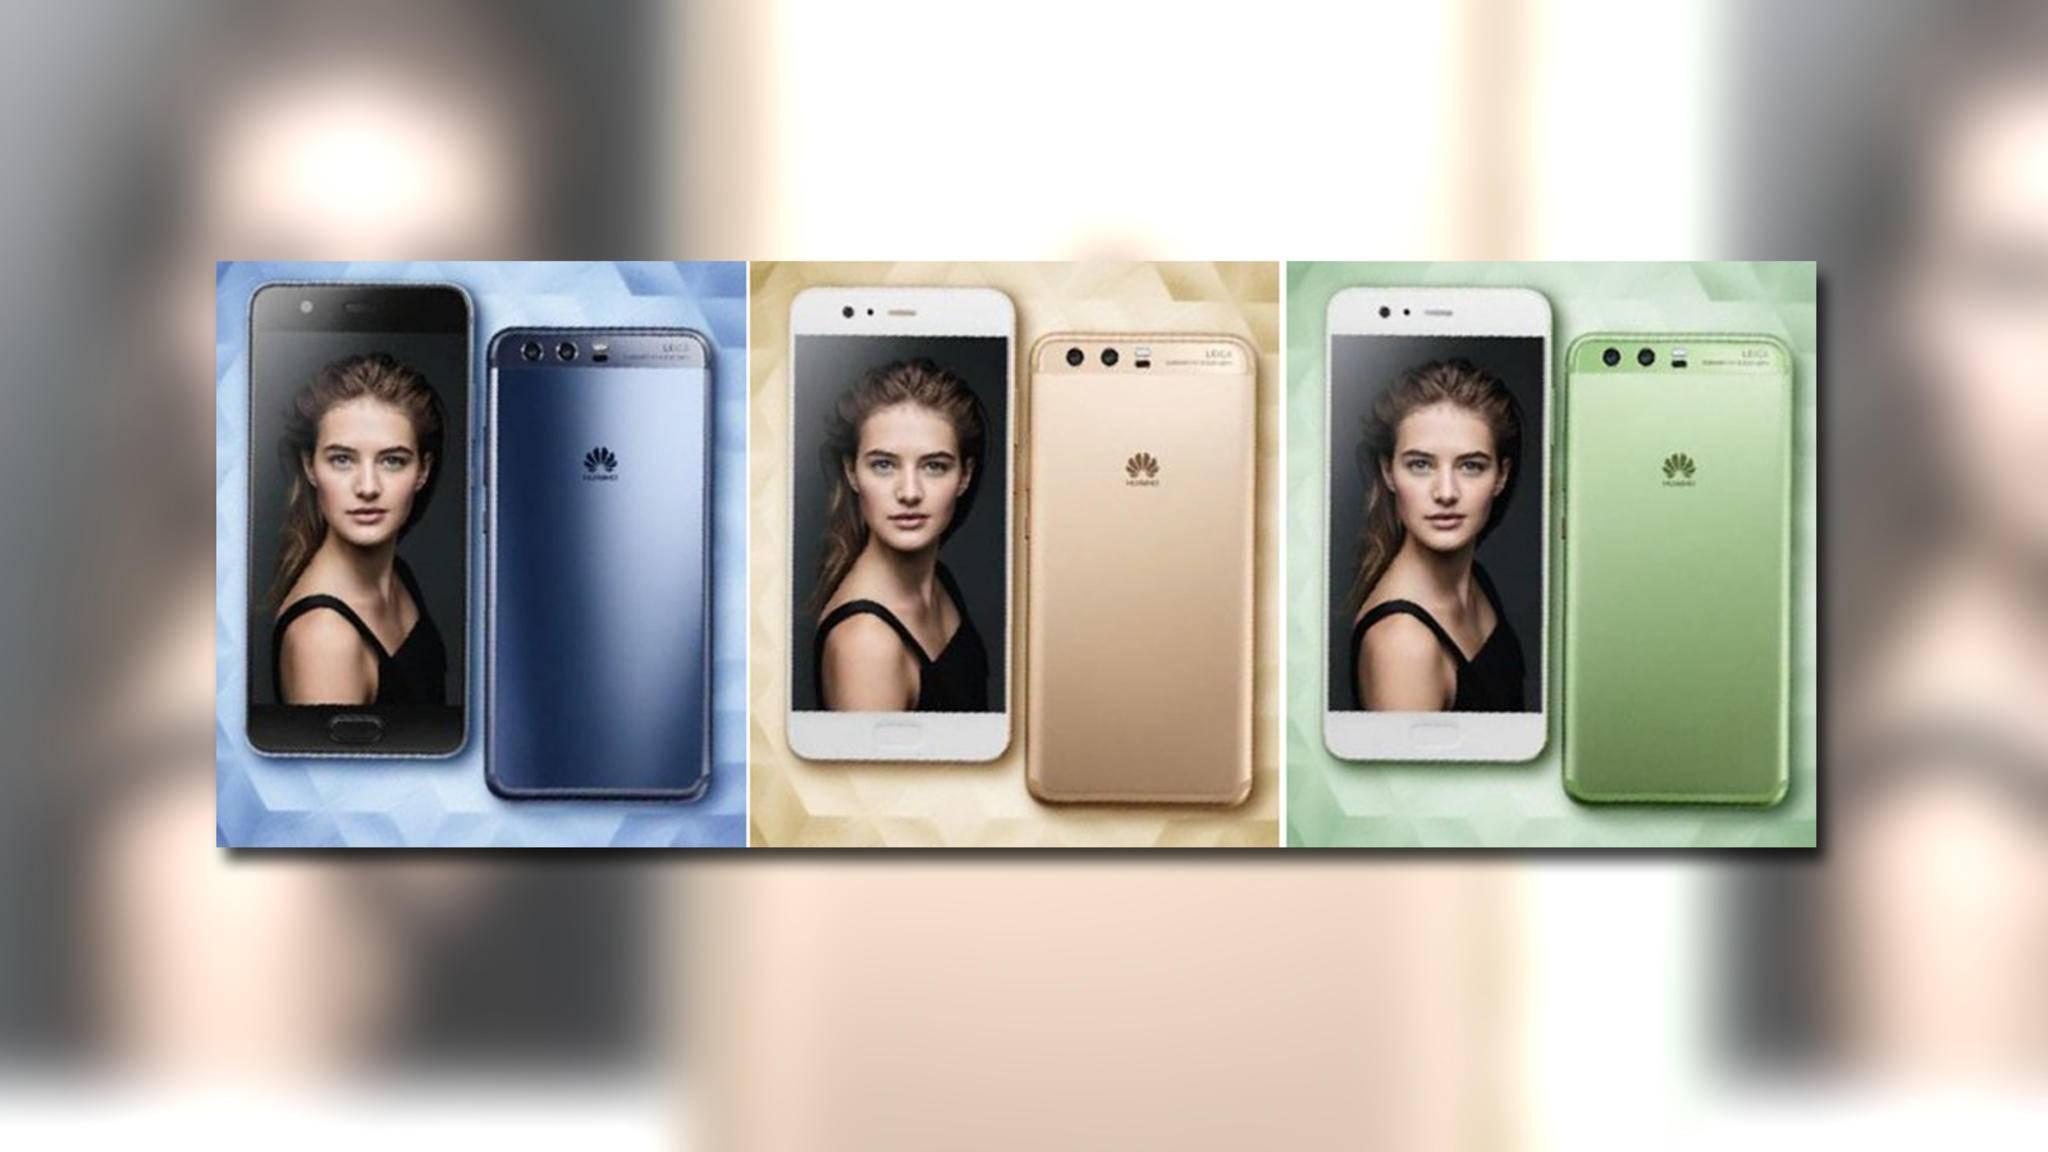 Das durchgesickerte Bild zeigt das Huawei P10 in drei Farben.